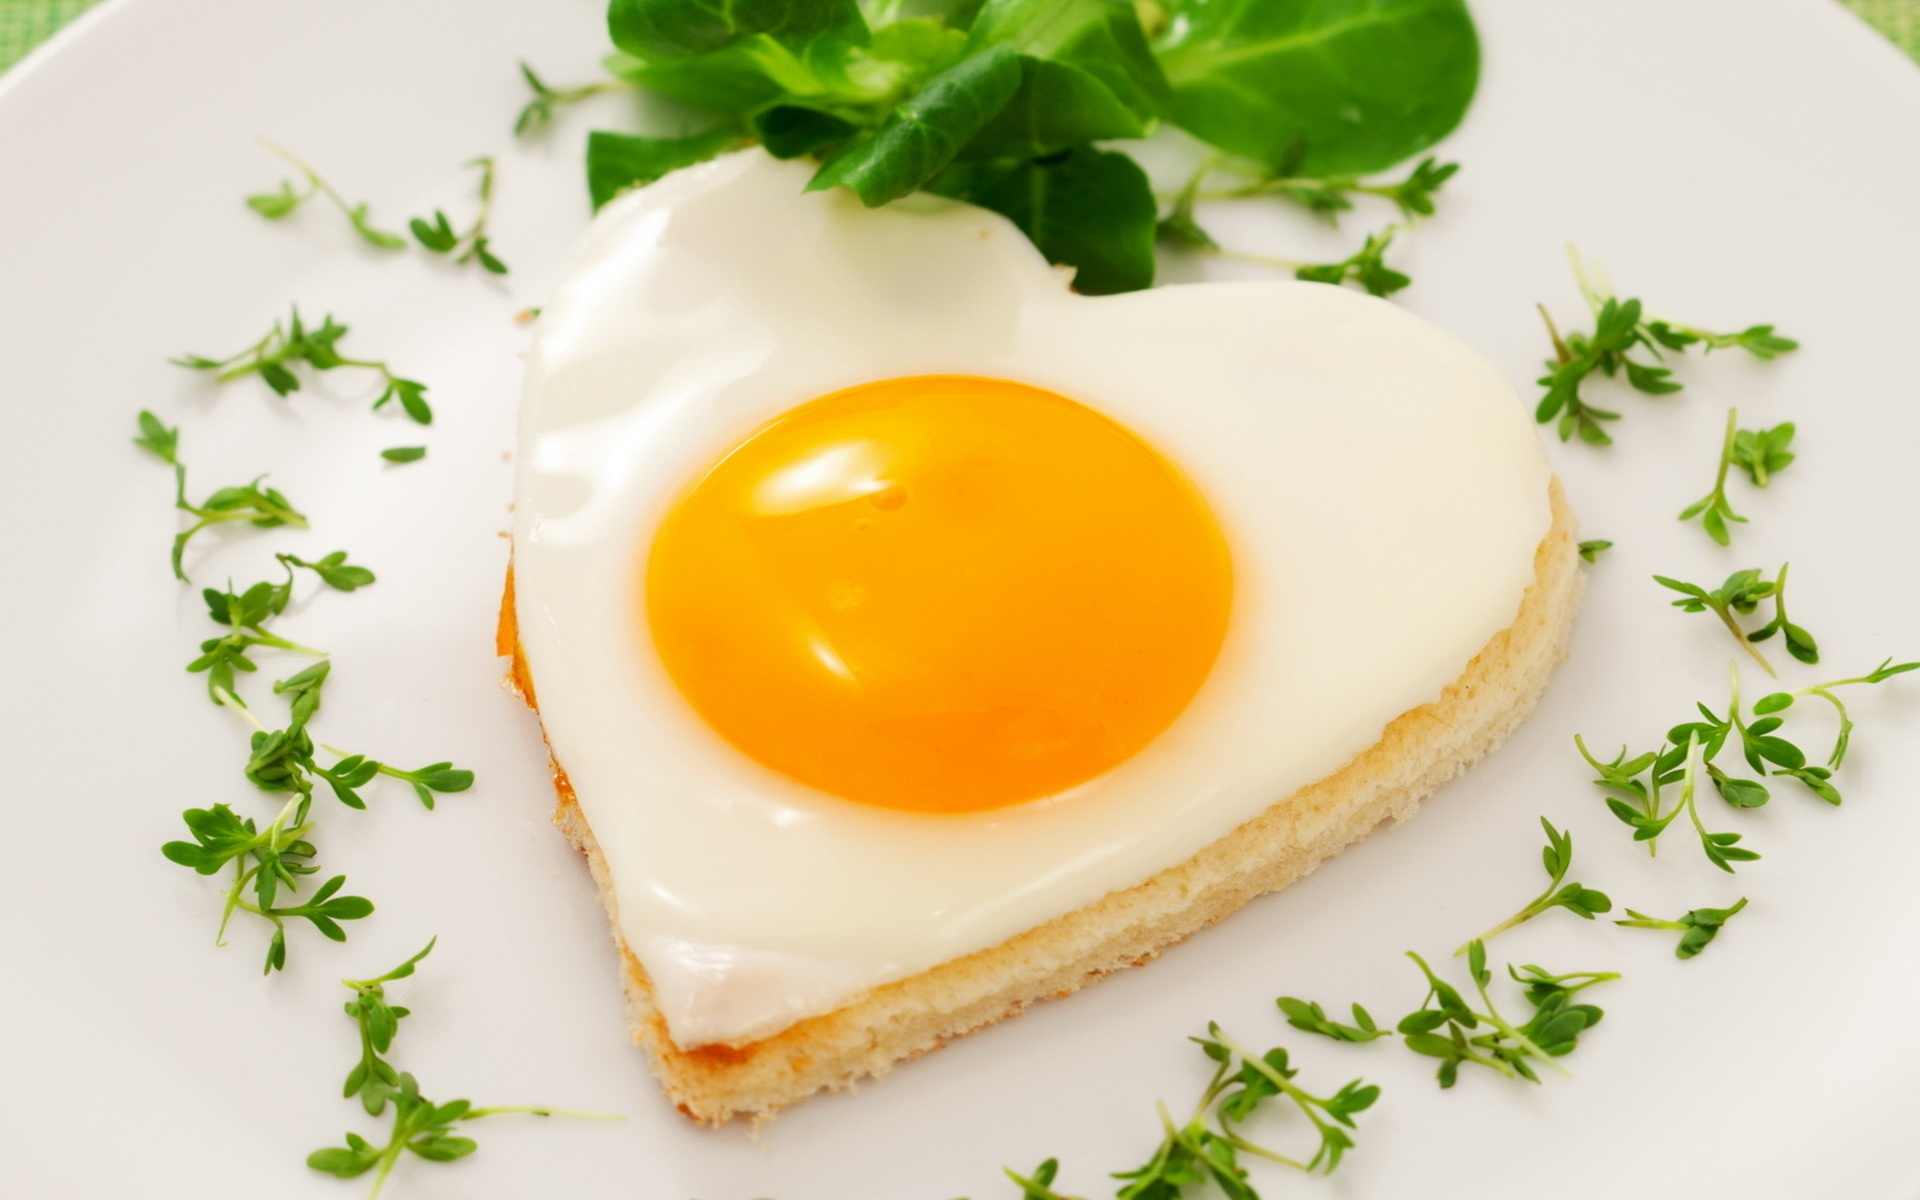 правильное питание для быстрого похудения за неделю